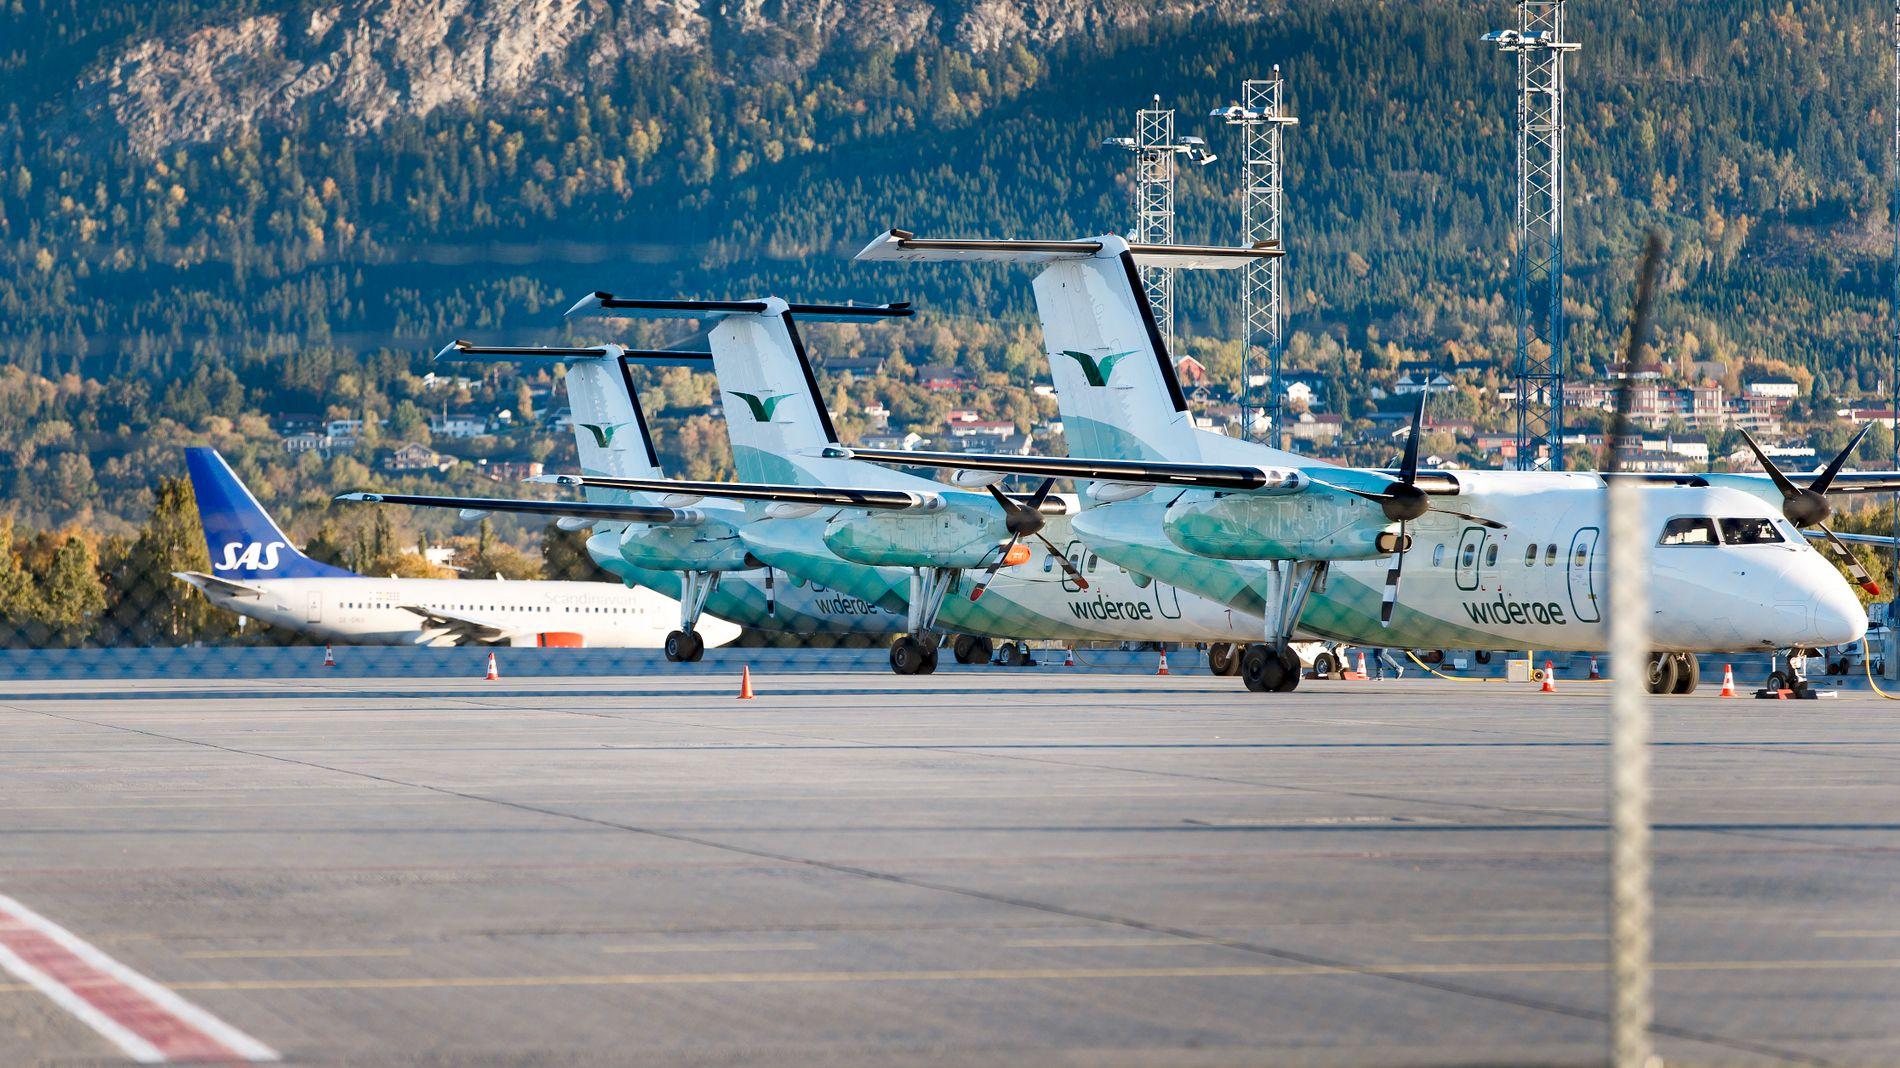 SLITER: Widerøe varsler at det kan bli færre ruter fremover. Avgifter og høy oljepris presser det vesle flyselskapet.